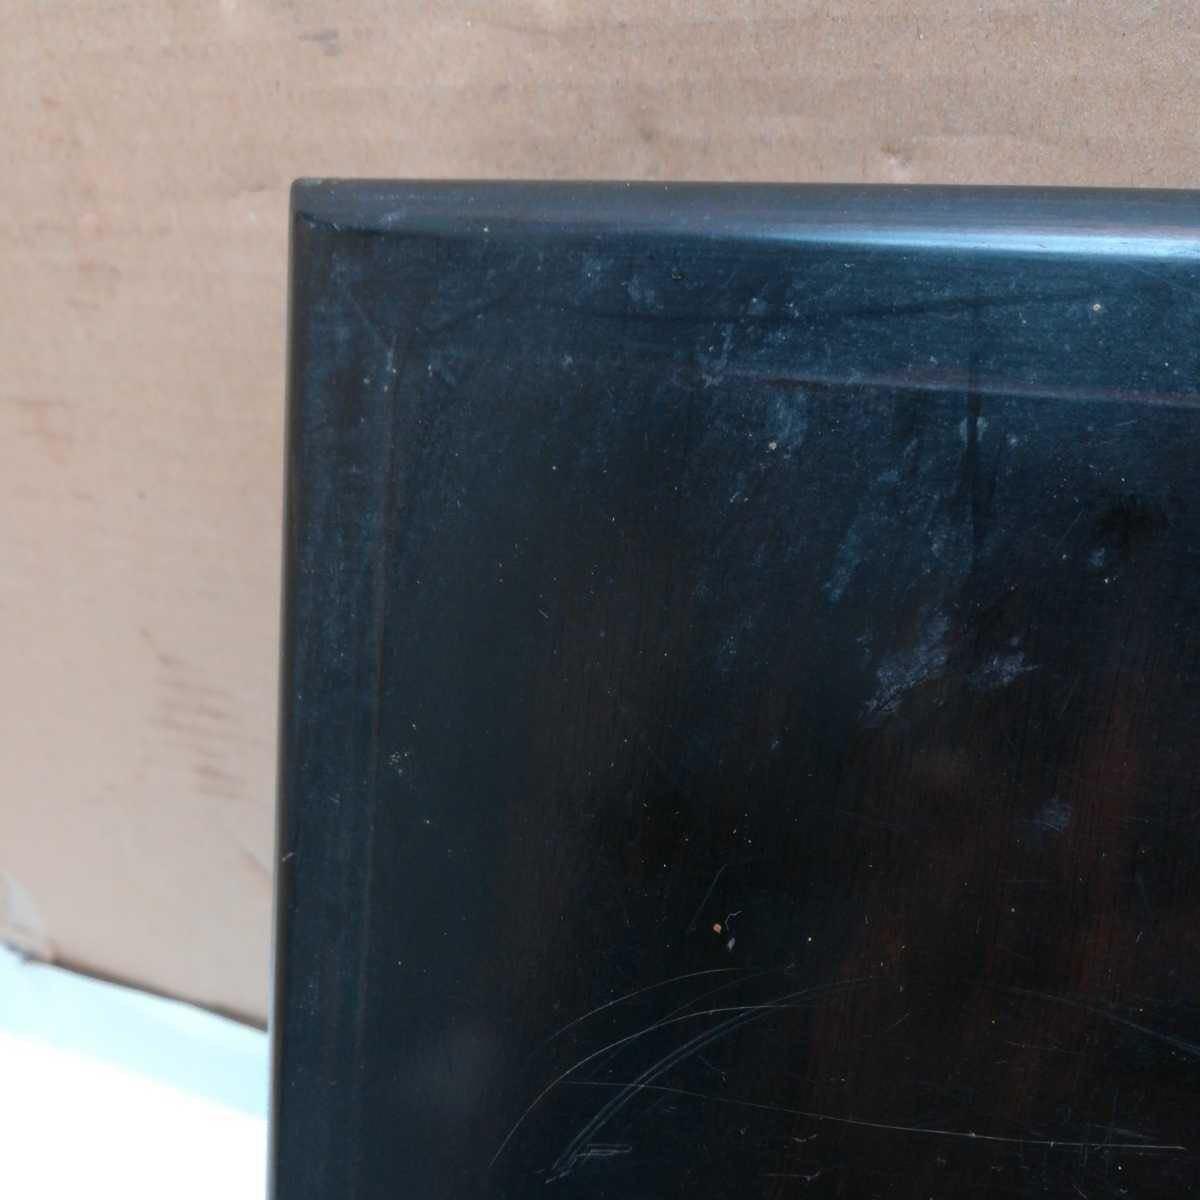 唐木花台 古美術 飾り台 盆栽台 香炉台 華道具 茶道具 骨董美術品 30.8×21×4.2cm_画像4